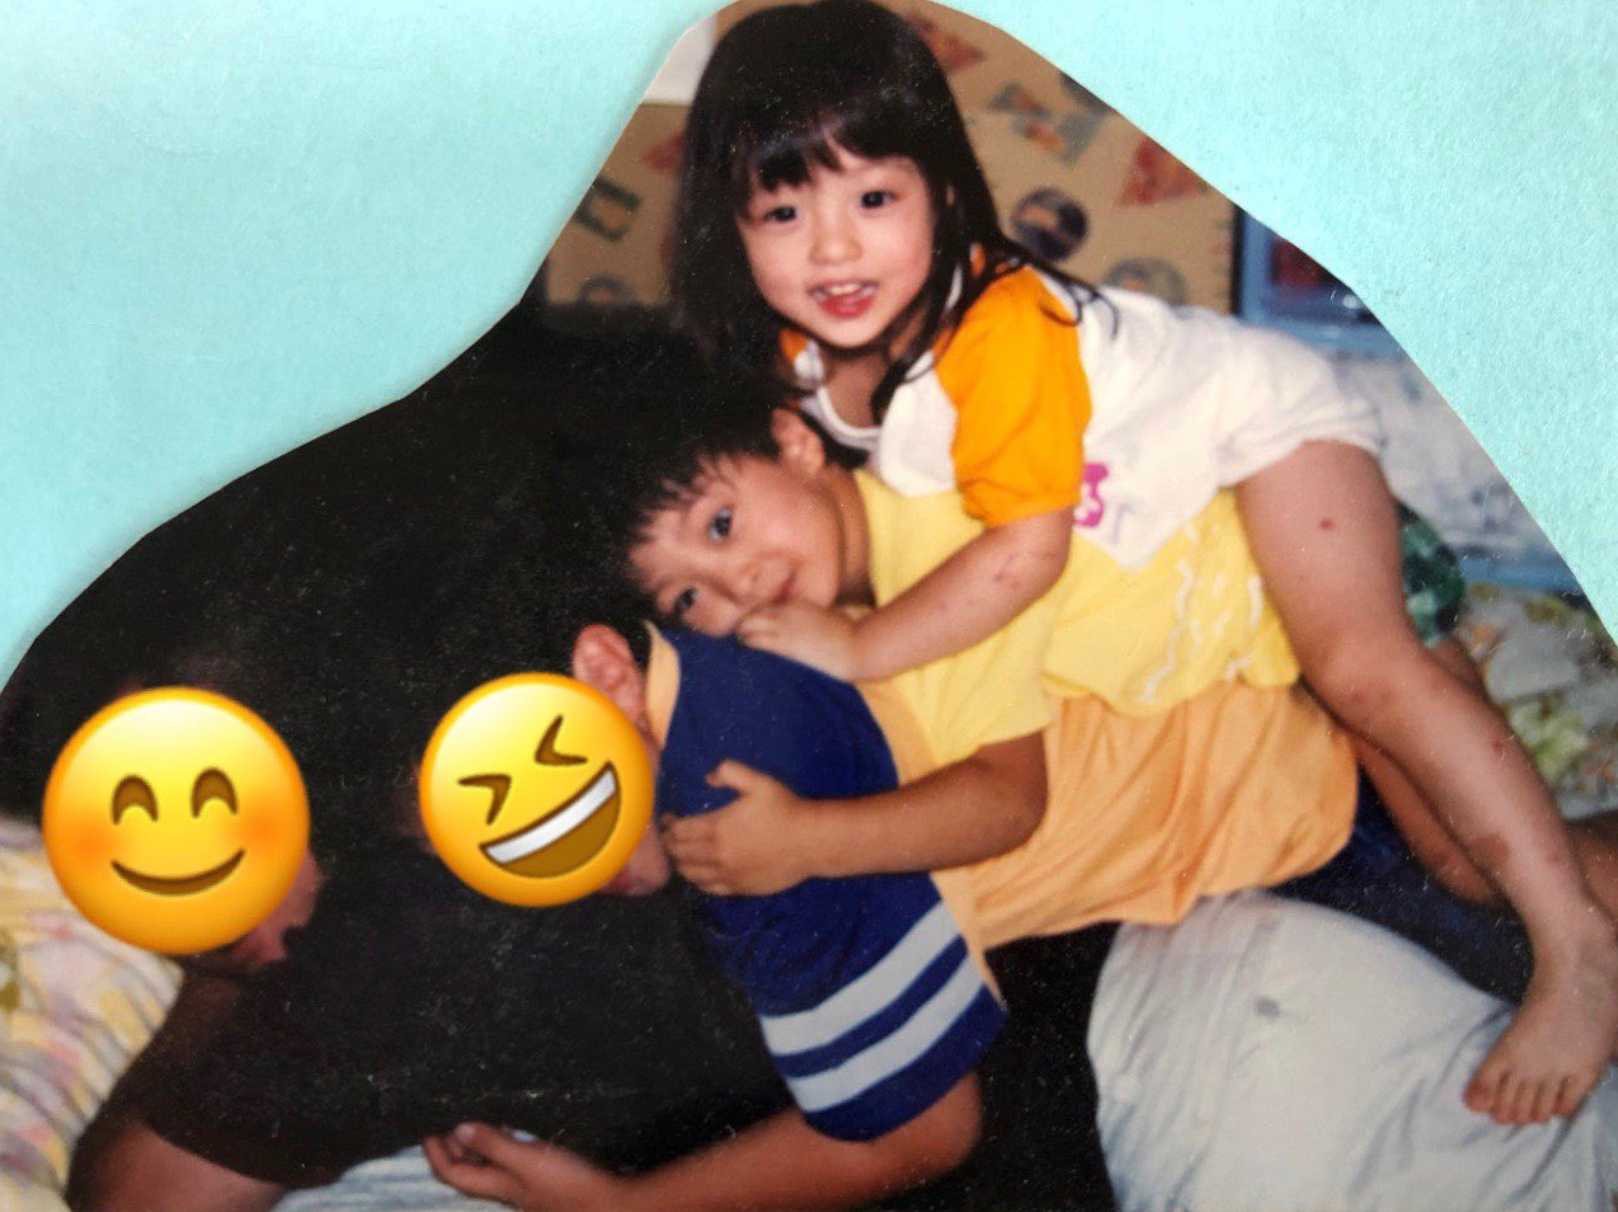 橋本環奈 父の日に感謝のメッセージと共に家族写真を公開!「活発な女の子だったんです」と懐かしむ